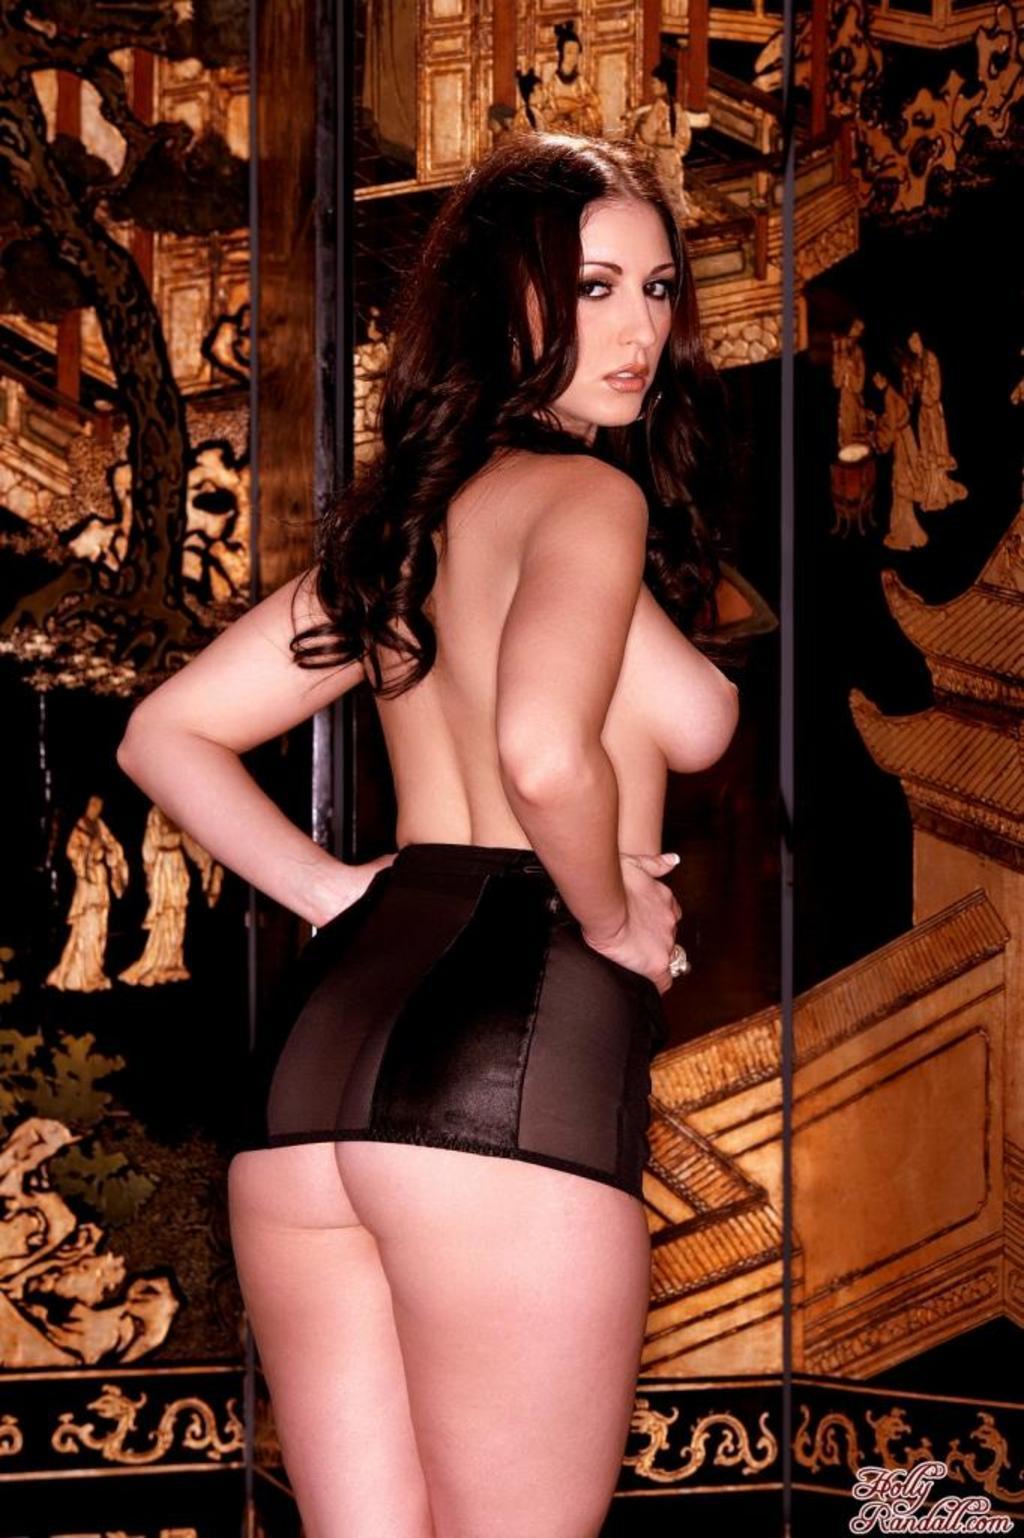 Carlotta Champagne Hot Nude Babe 06